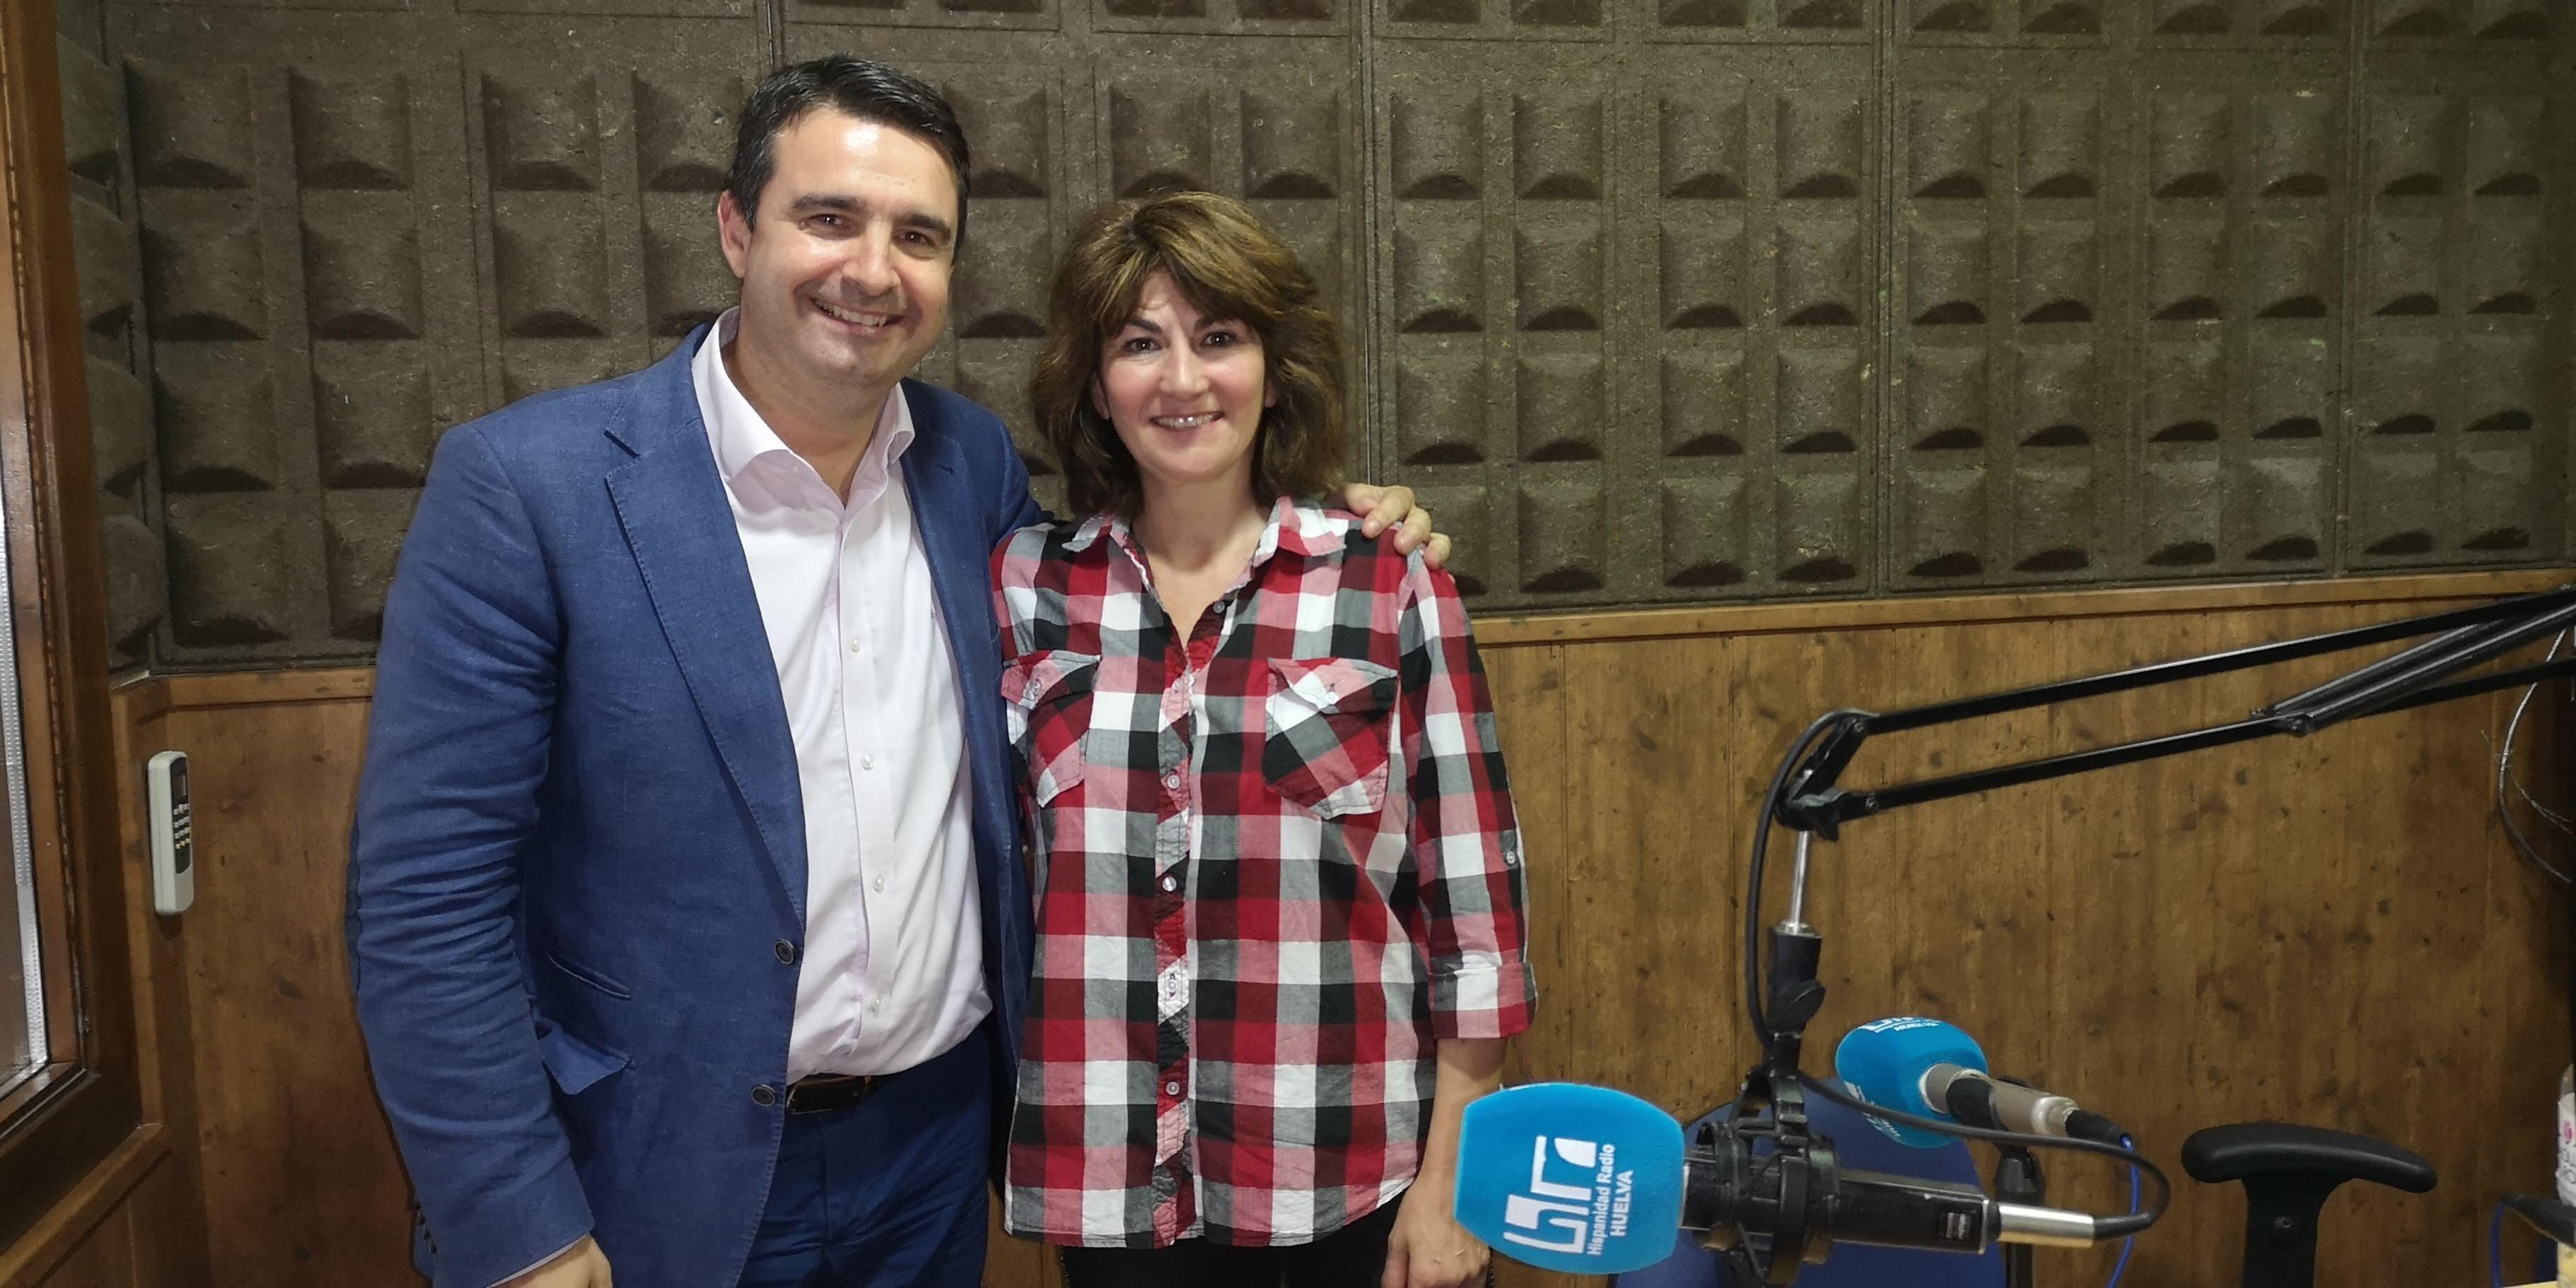 Queremos Saber 31-10-2019 Amaro Huelva, Candidato N1 al Senado, por PSOE de Huelva